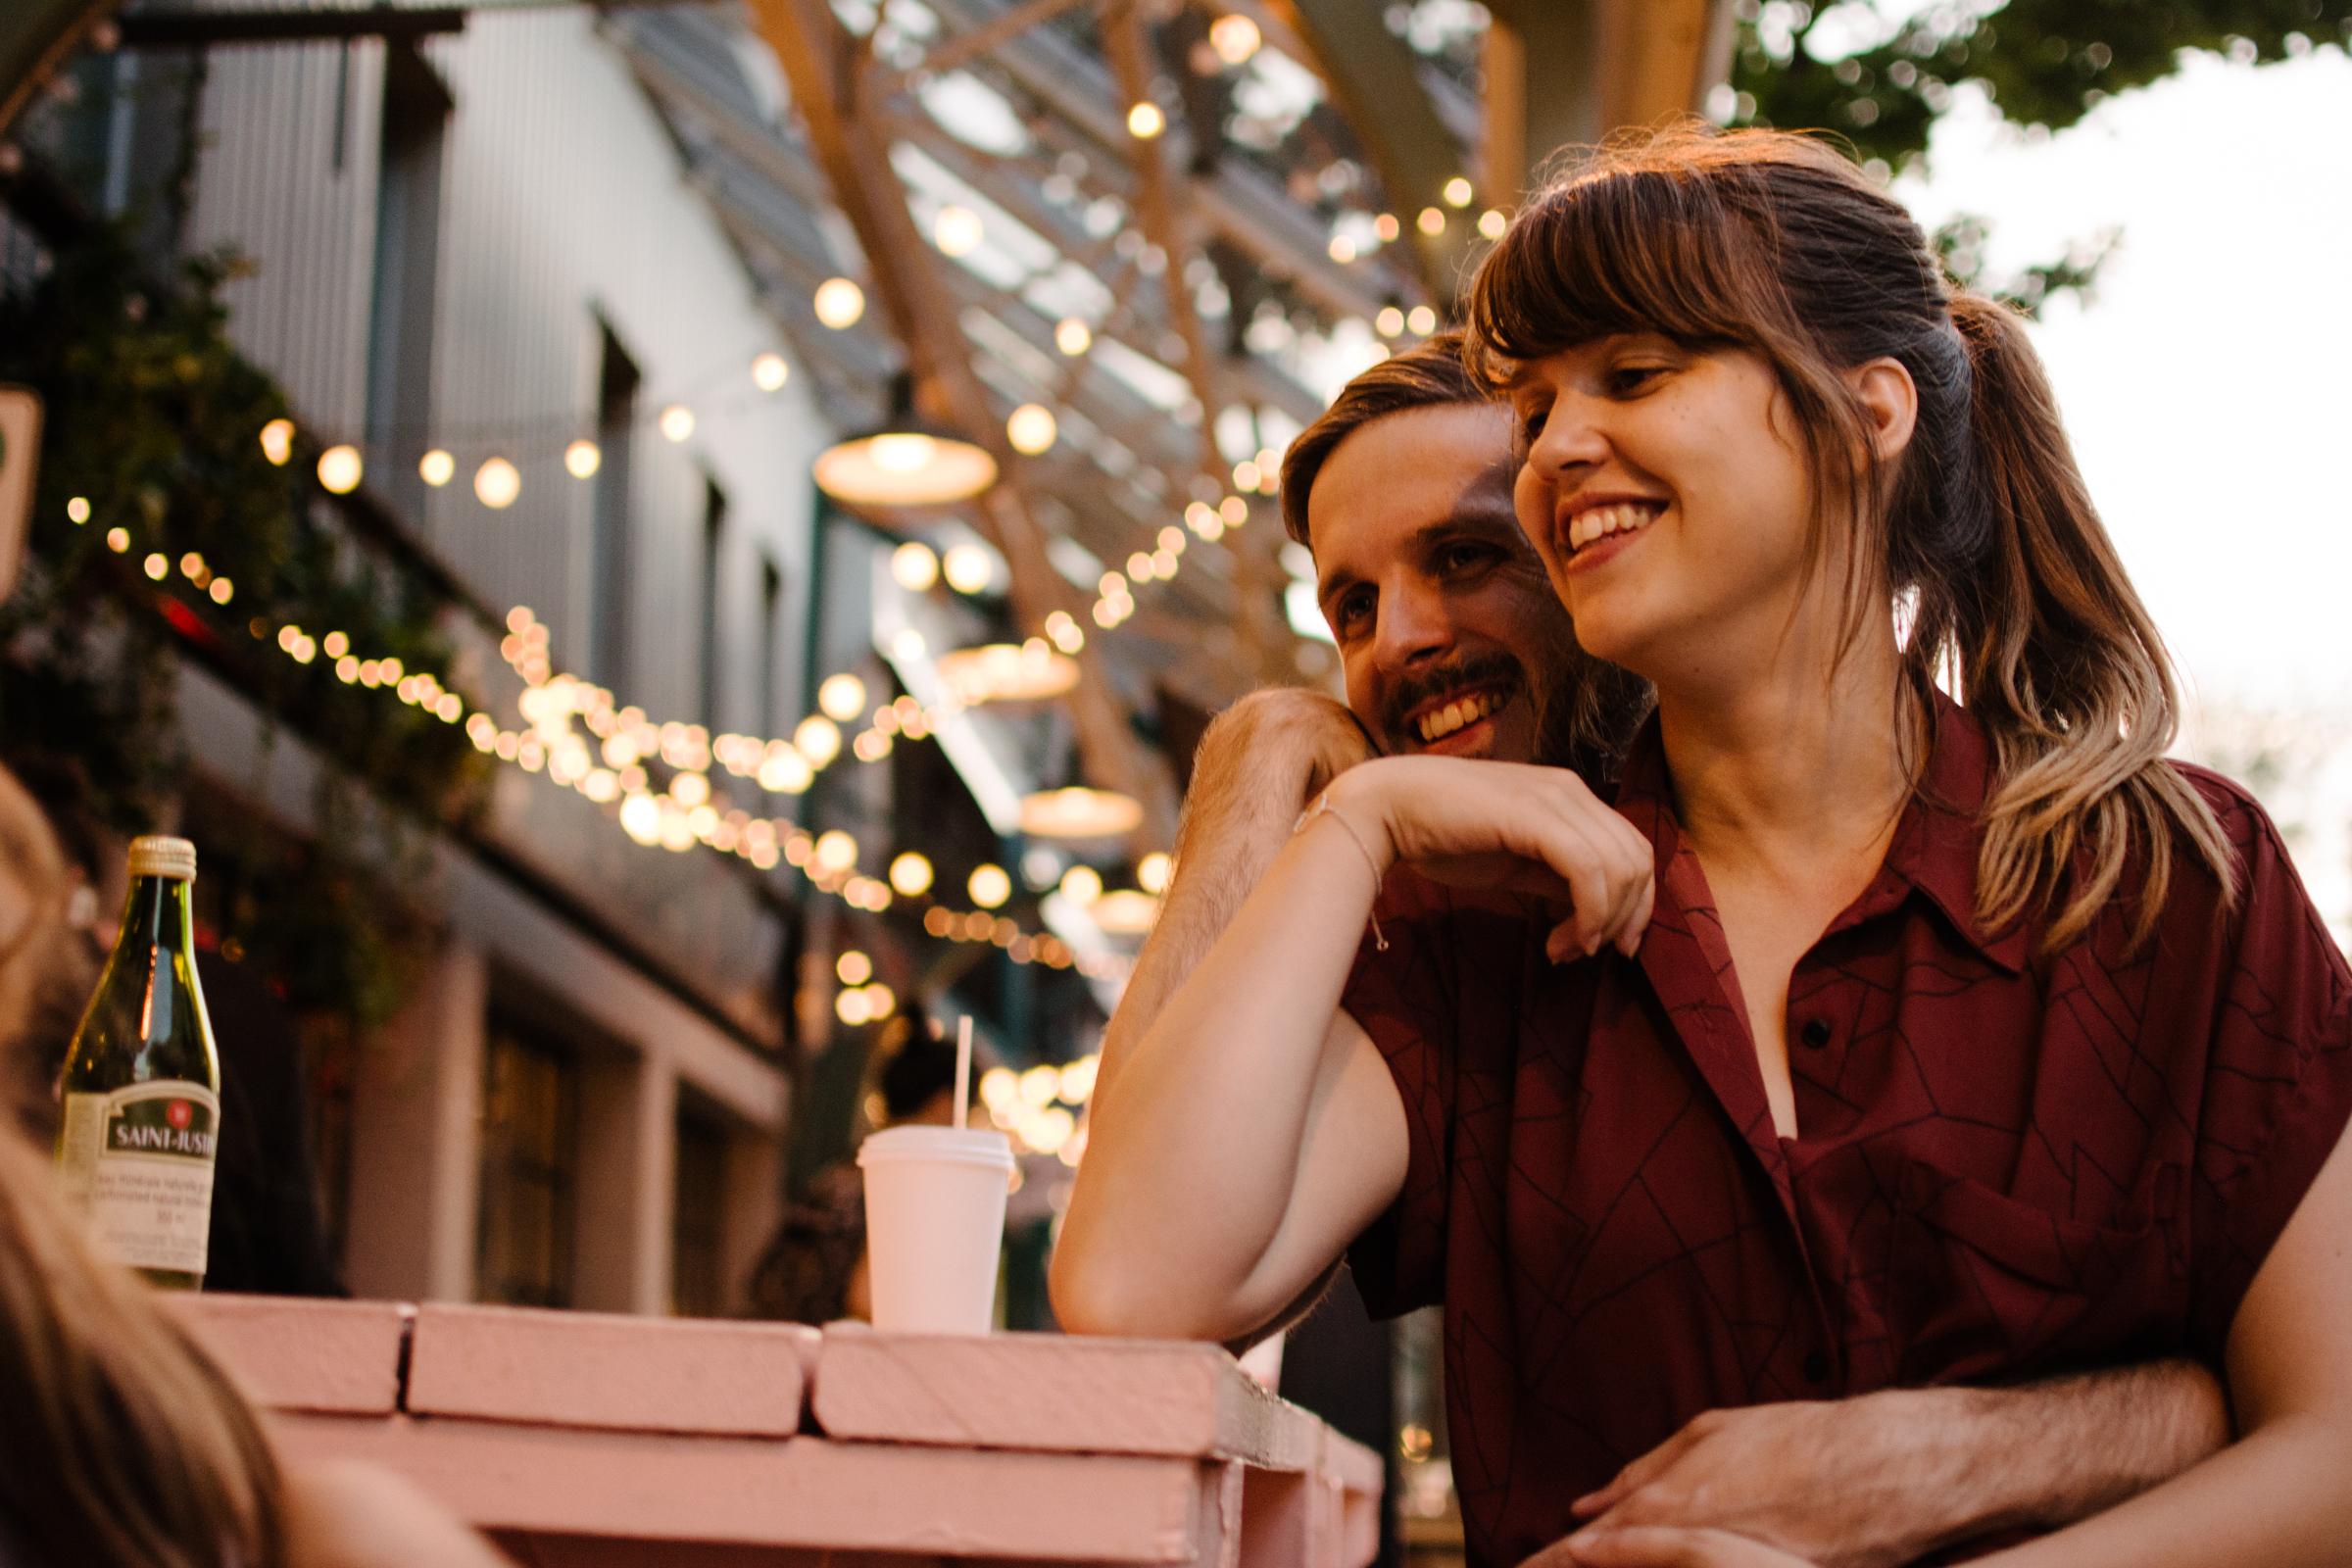 photo-d-un-couple-de-parents-heureux-a-l-armoire-a-glaces-photographe-lifestyle-de-famille-a-montreal-marianne-charland-166.jpg